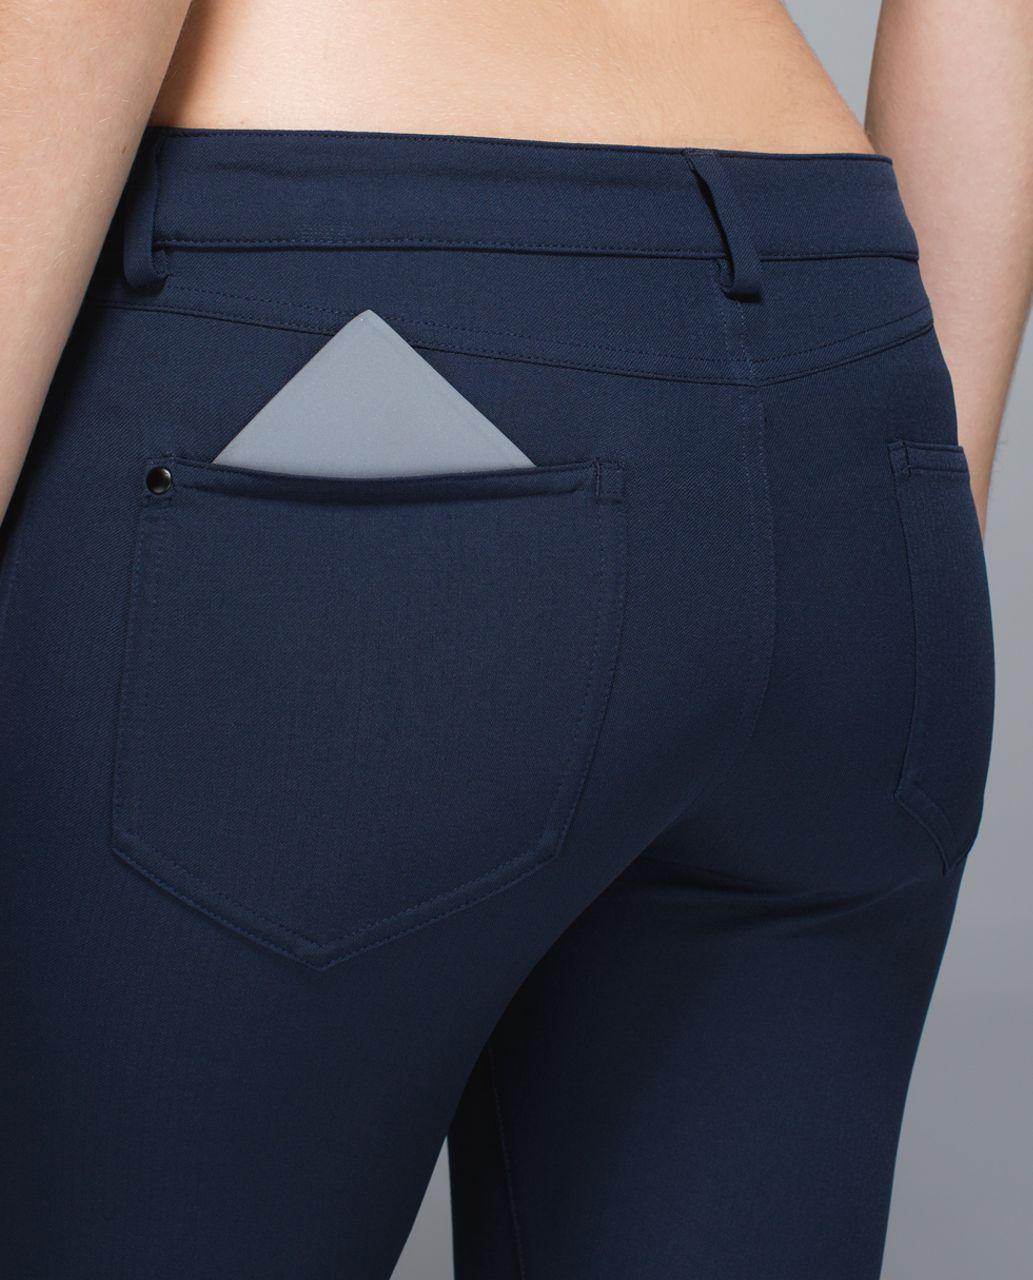 Lululemon Everyday Pant - Inkwell